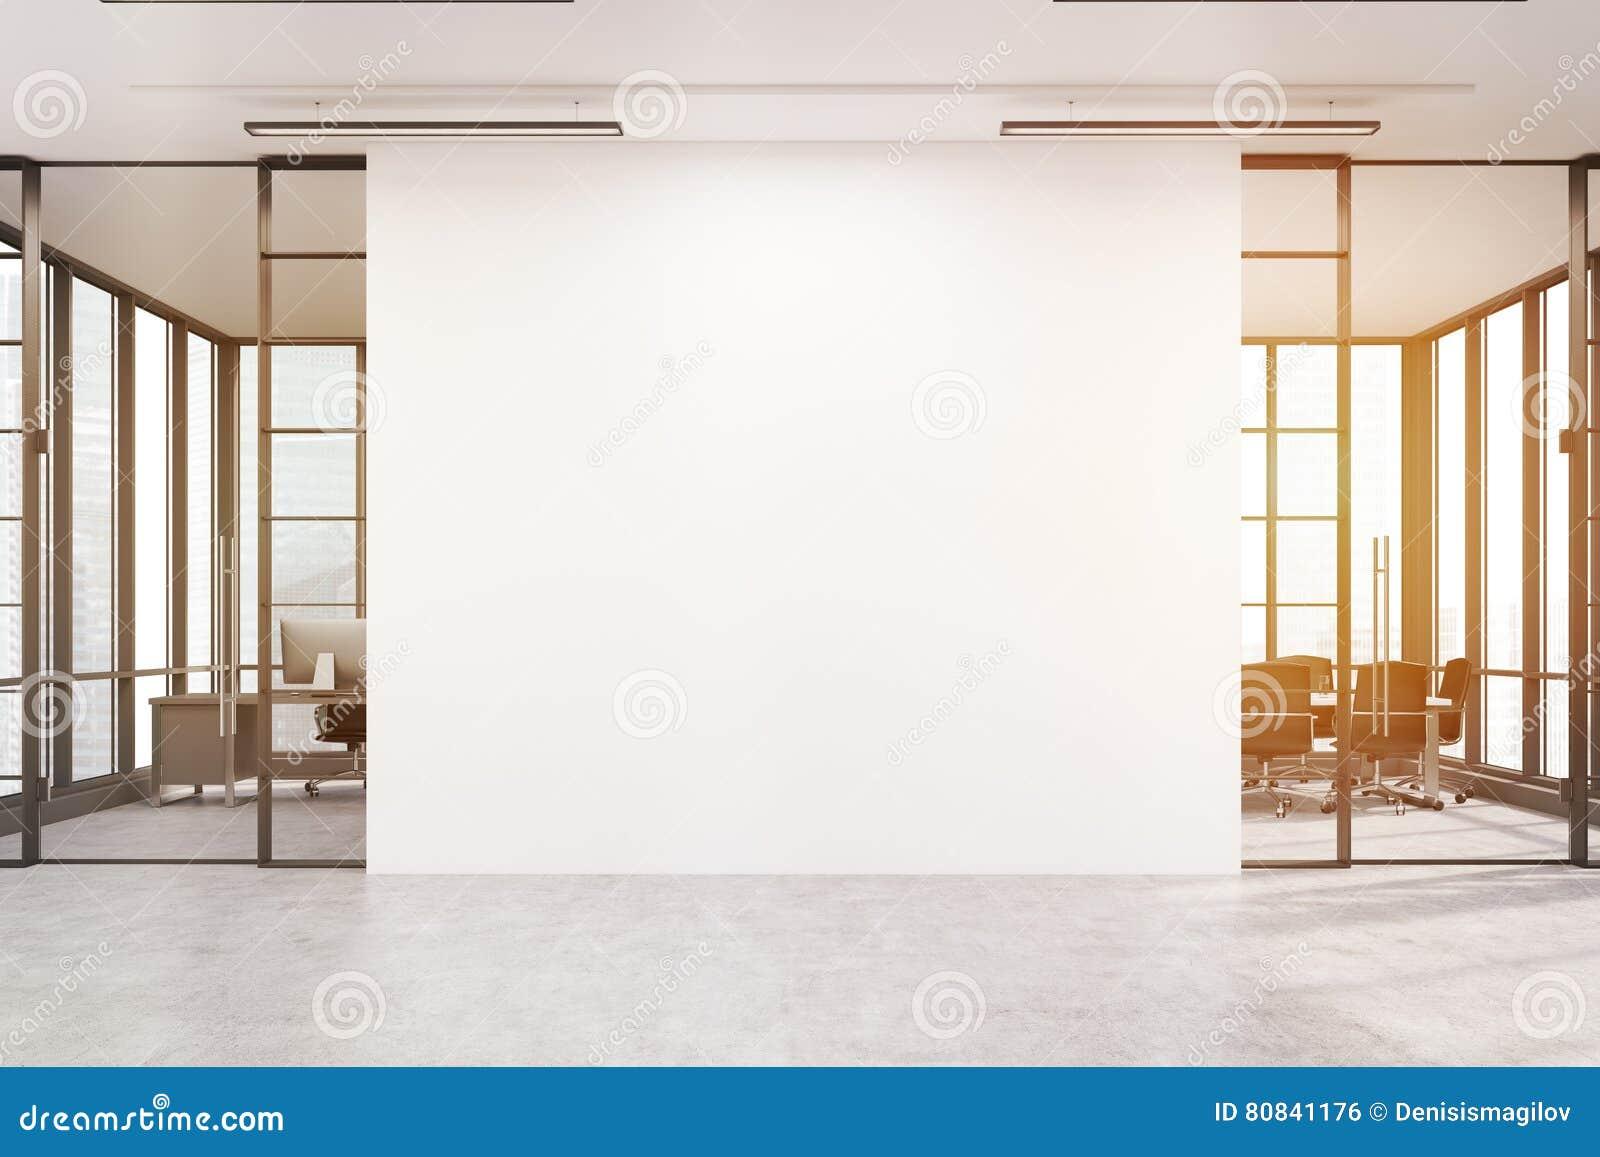 Λόμπι γραφείων με μεγάλο άσπρο τοίχο και δύο αίθουσες συνεδριάσεων, τόνος